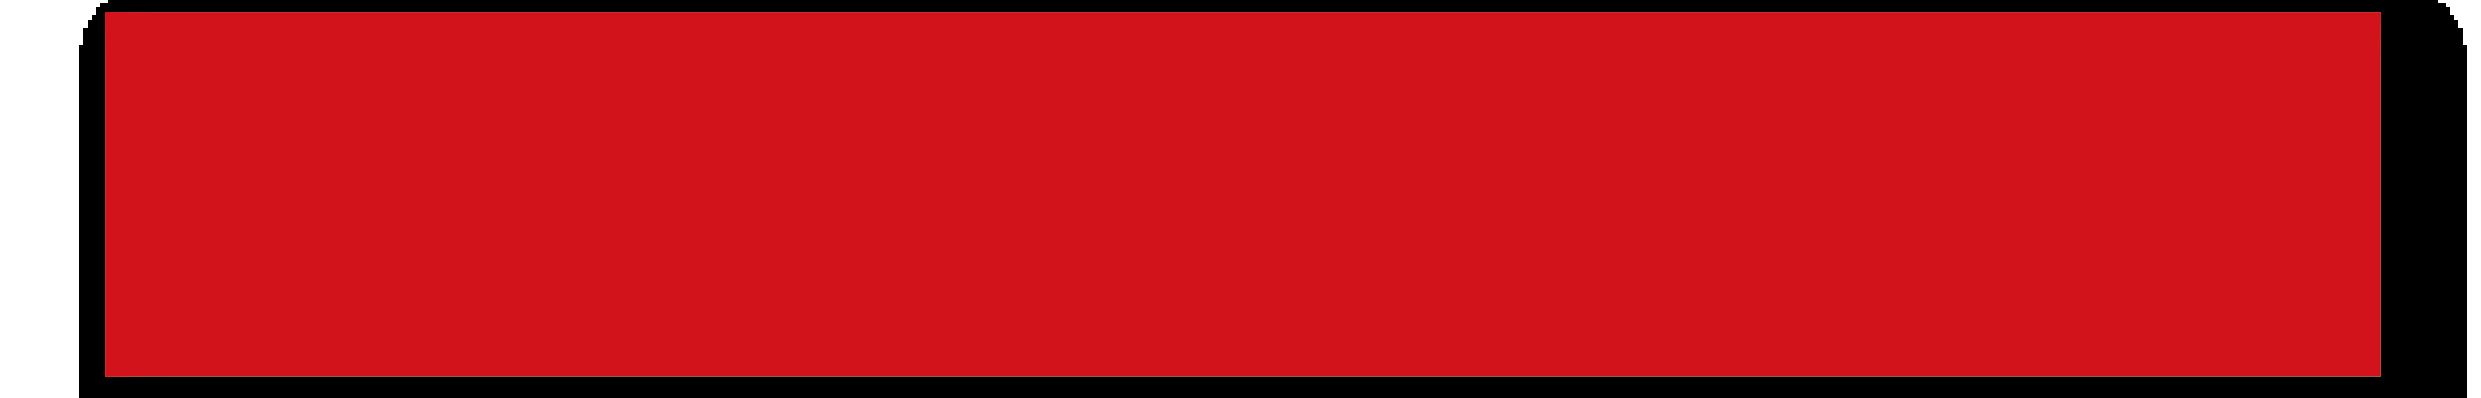 https://alternativ.nl/wp-content/uploads/2020/04/Plexiglas-schermen-ws-03.png